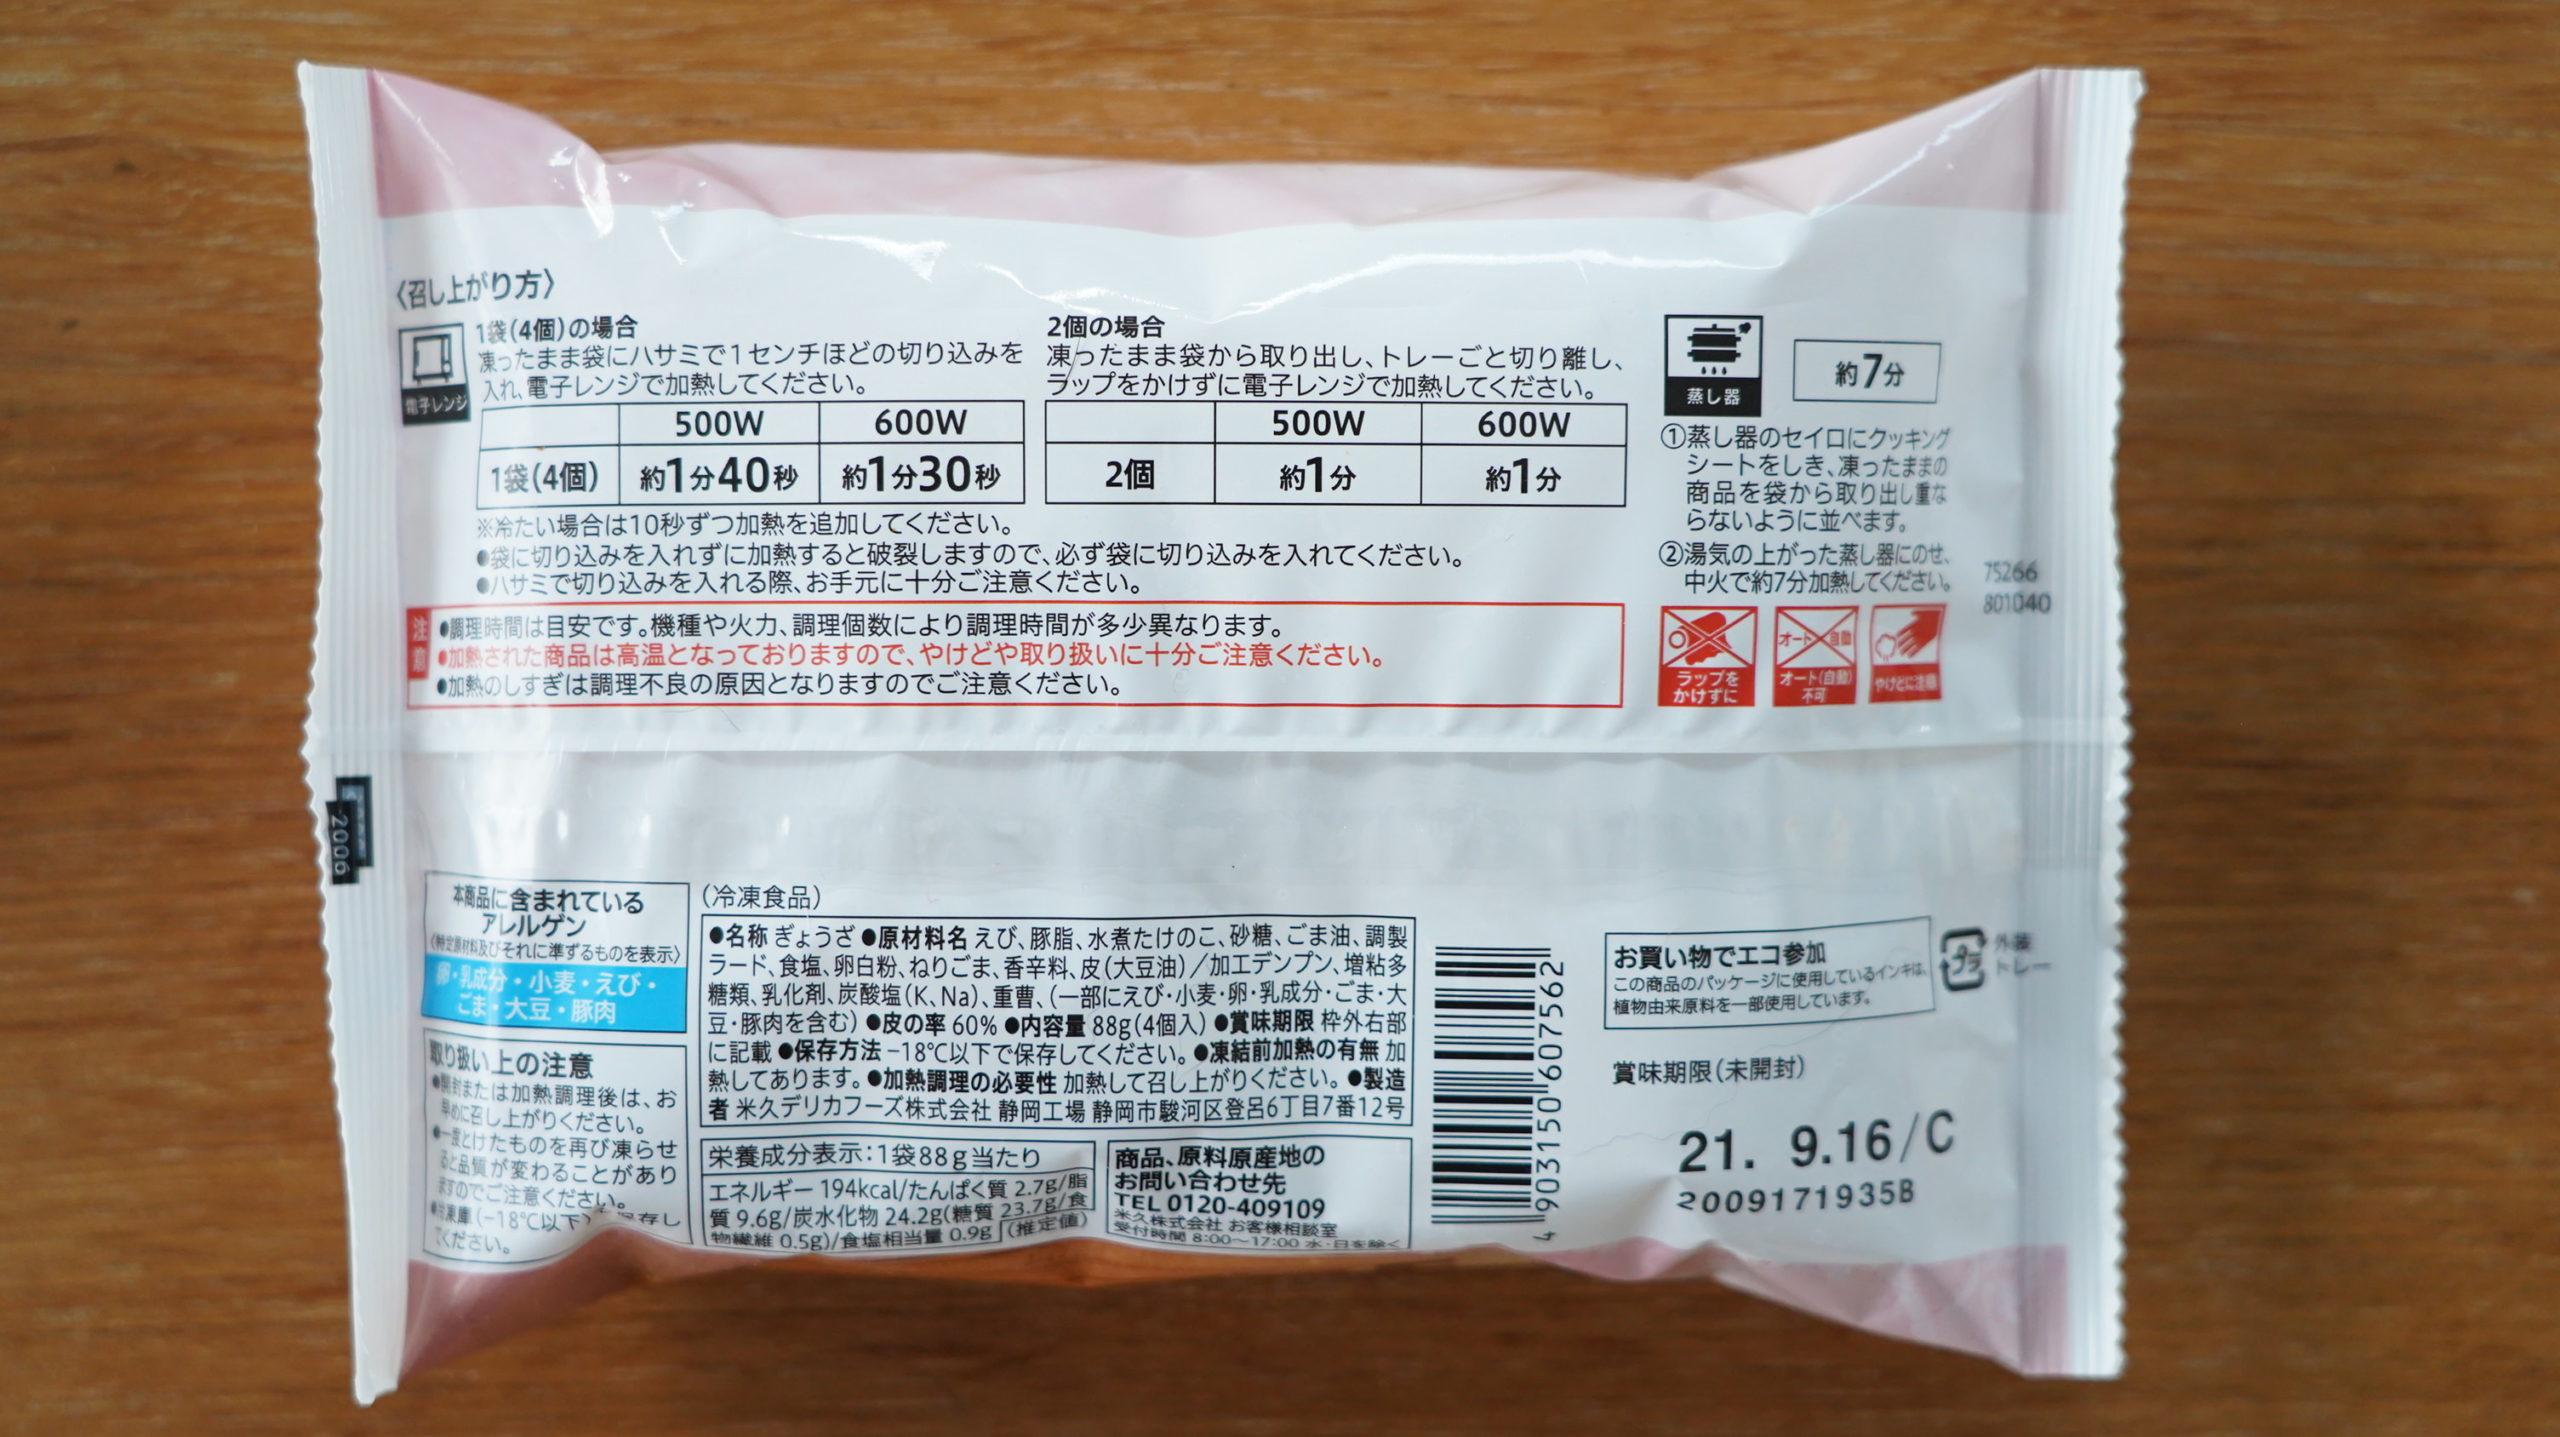 セブンイレブンの冷凍食品「もちもちの皮・海老蒸し餃子」のパッケージ裏面の写真